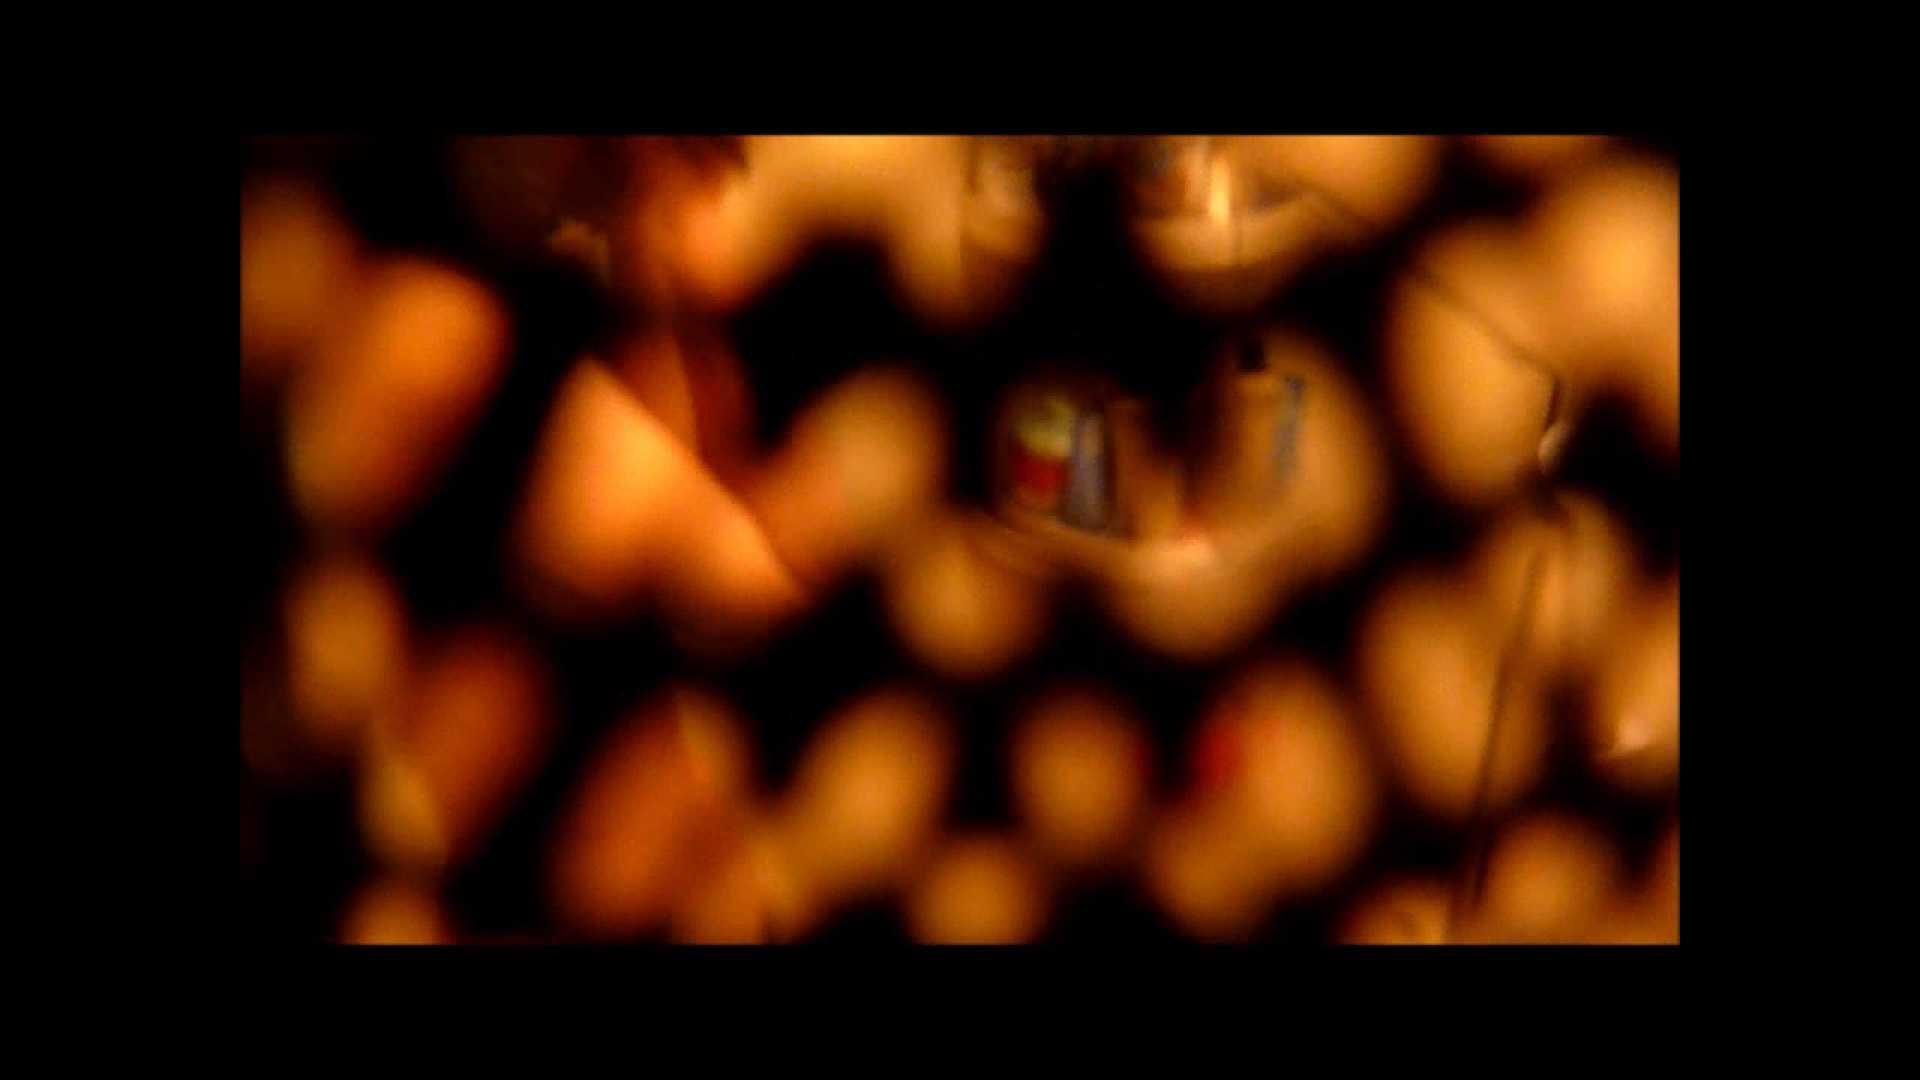 【02】ベランダに侵入して張り込みを始めて・・・やっと結果が出ました。 モロだしオマンコ  79pic 10